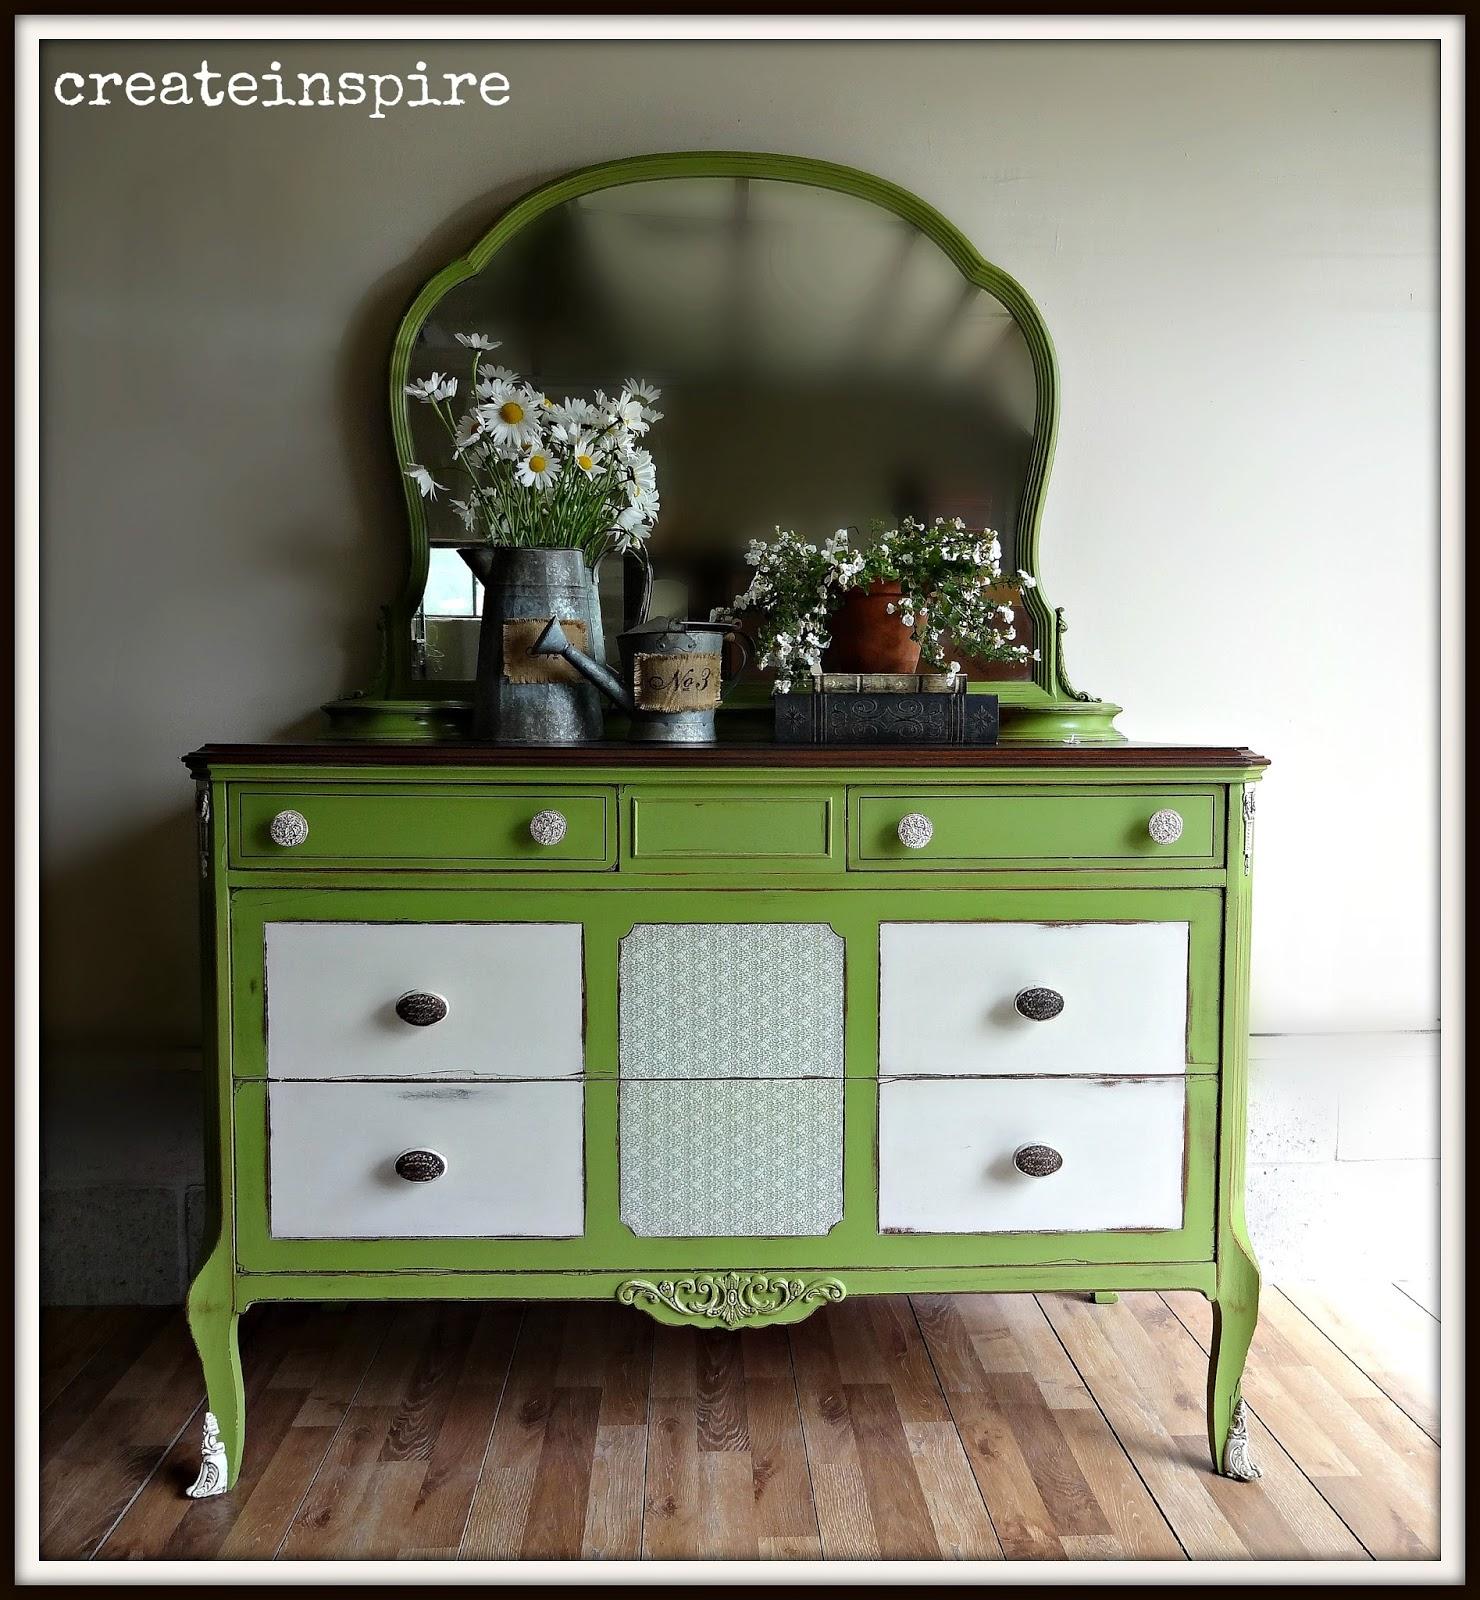 createinspire Antique Dresser with Mirror